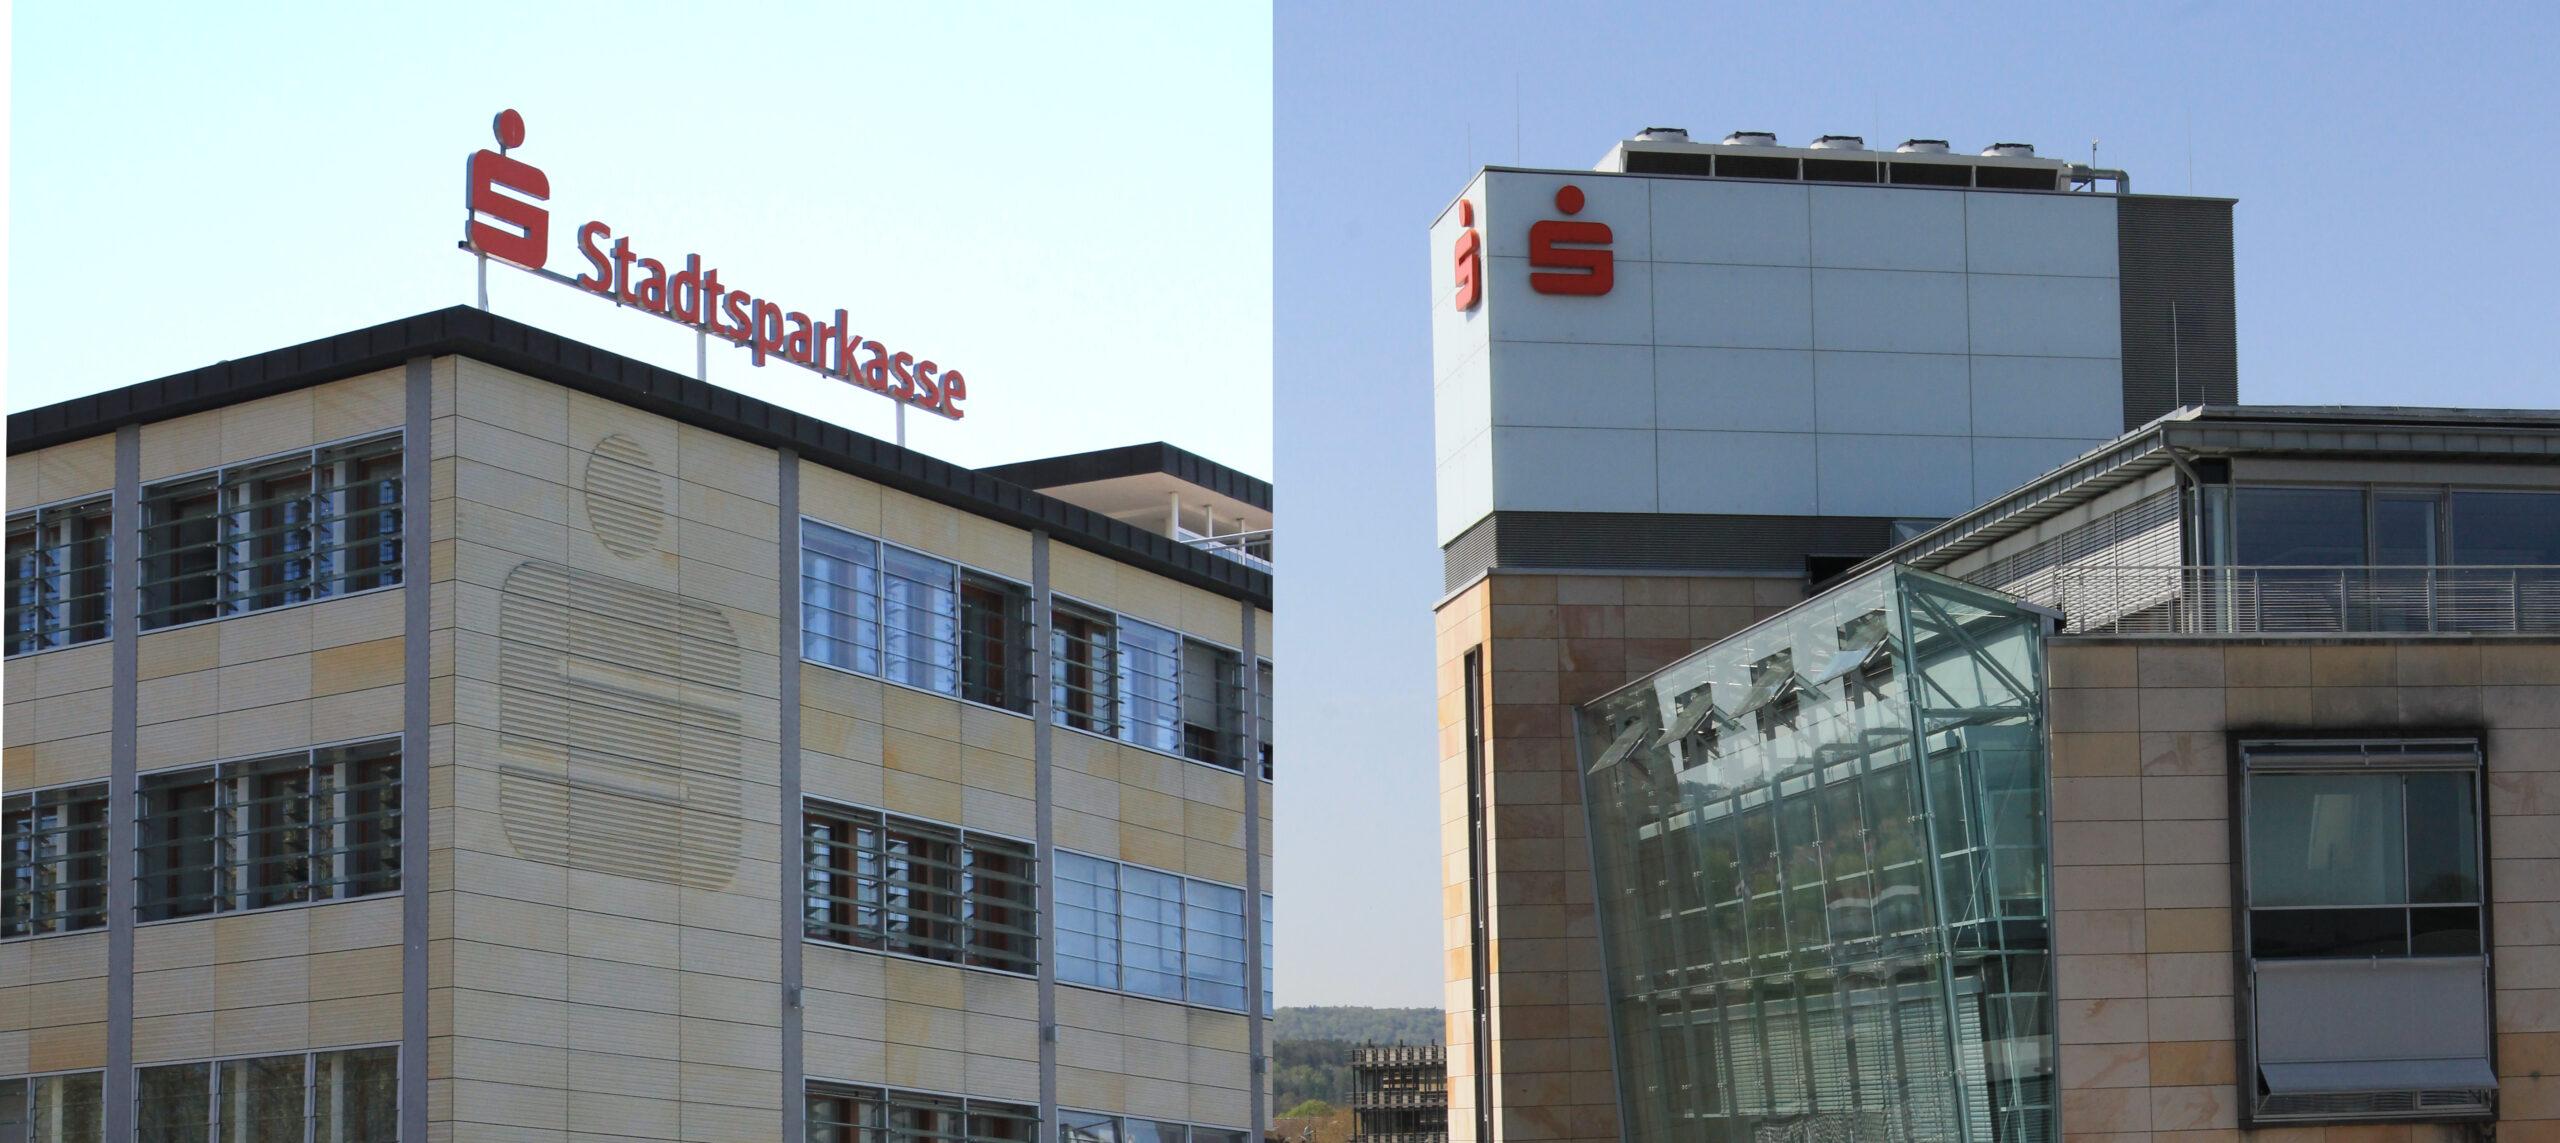 Kreissparkasse Kaiserslautern und Stadtsparkasse Kaiserslautern intensivieren Gespräche über eine Fusion beider Häuser